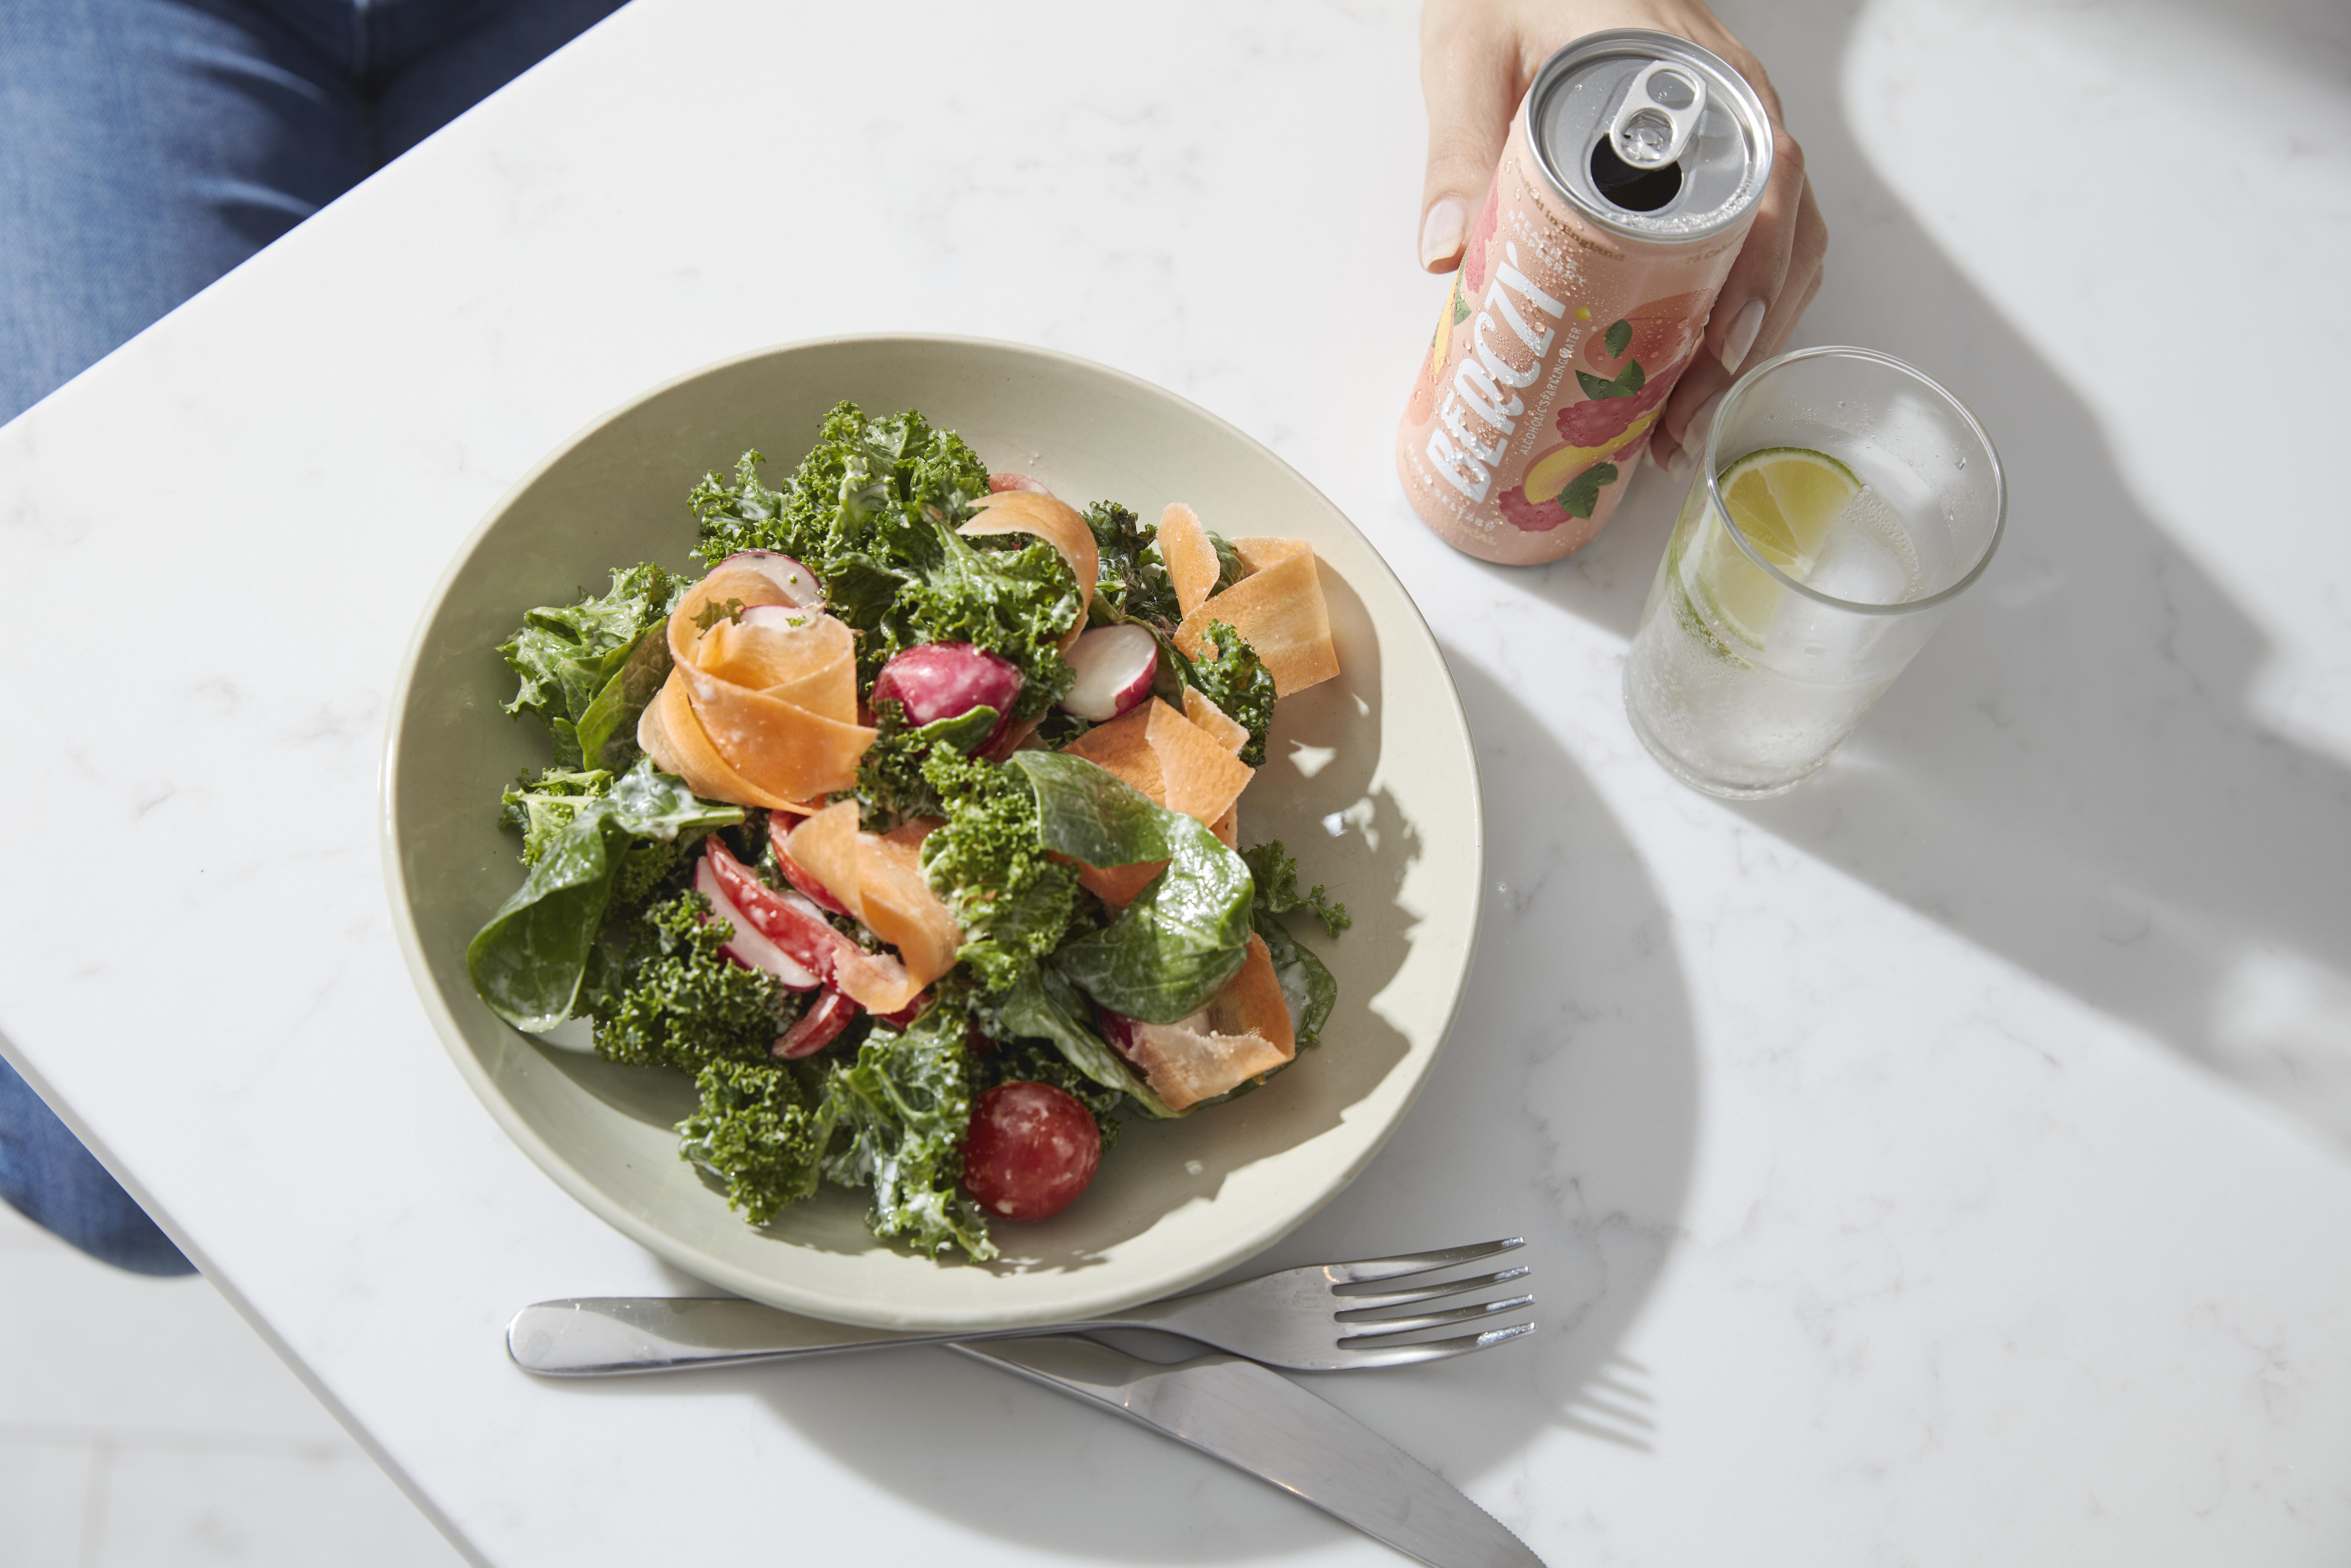 Berczy drink with a salad